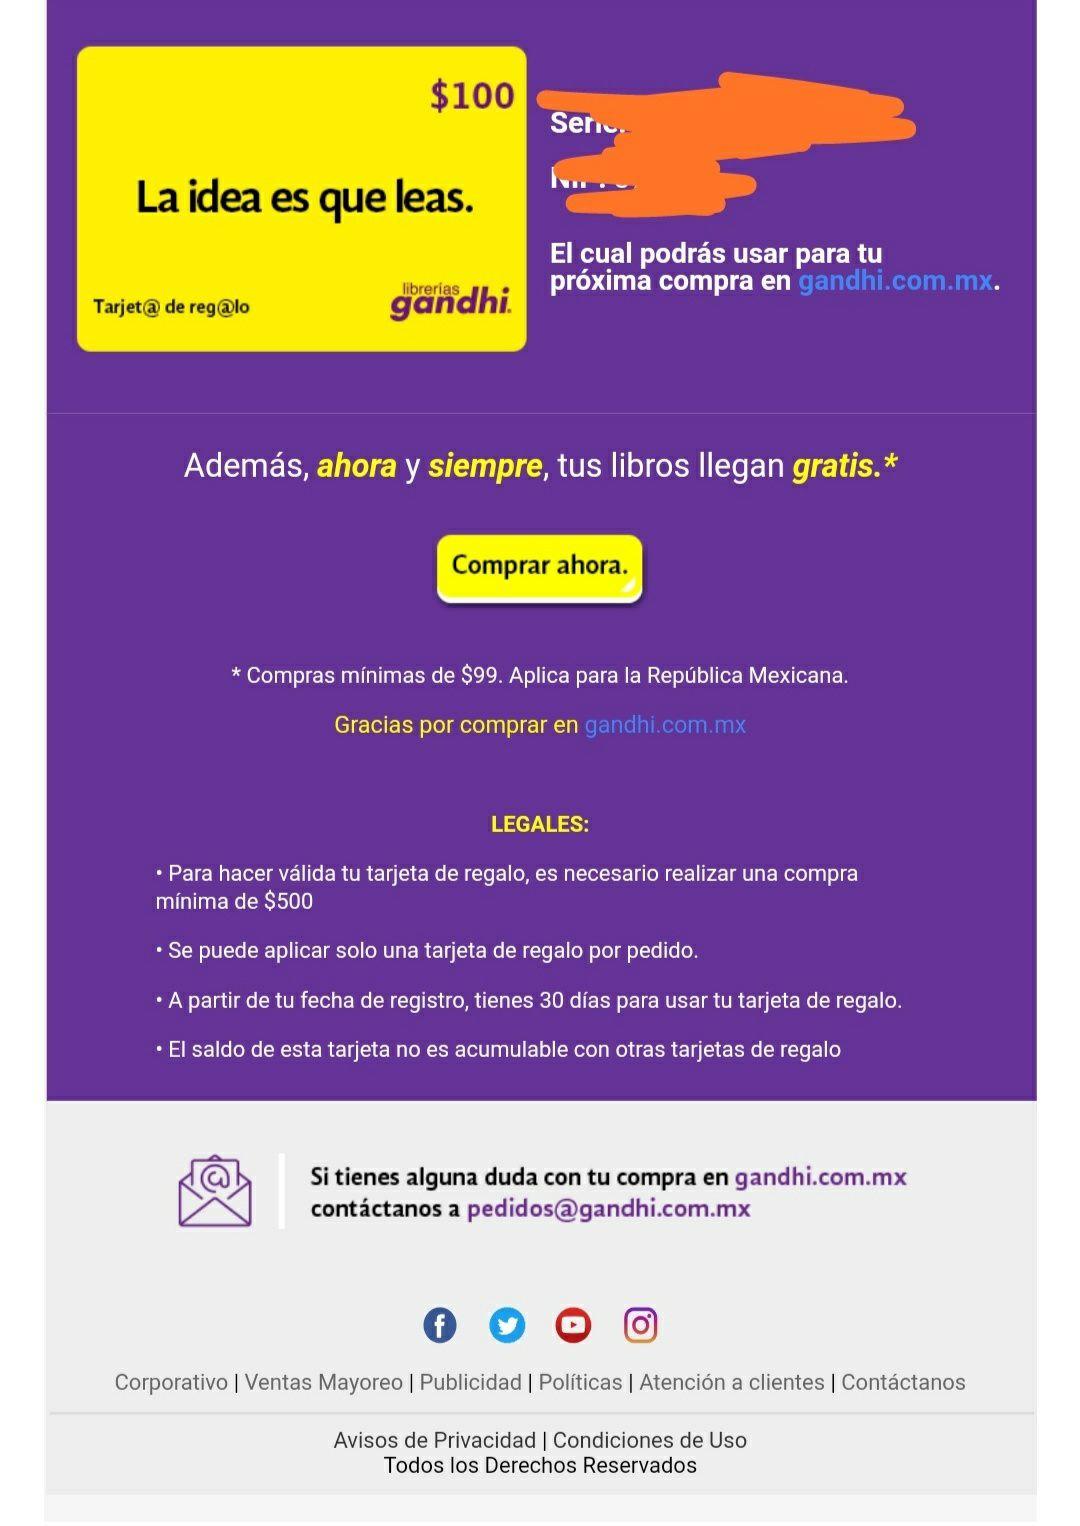 Ofertas Buen Fin 2018 Librerías Gandhi: Tarjeta regalo de 100, en compra mínima de $500